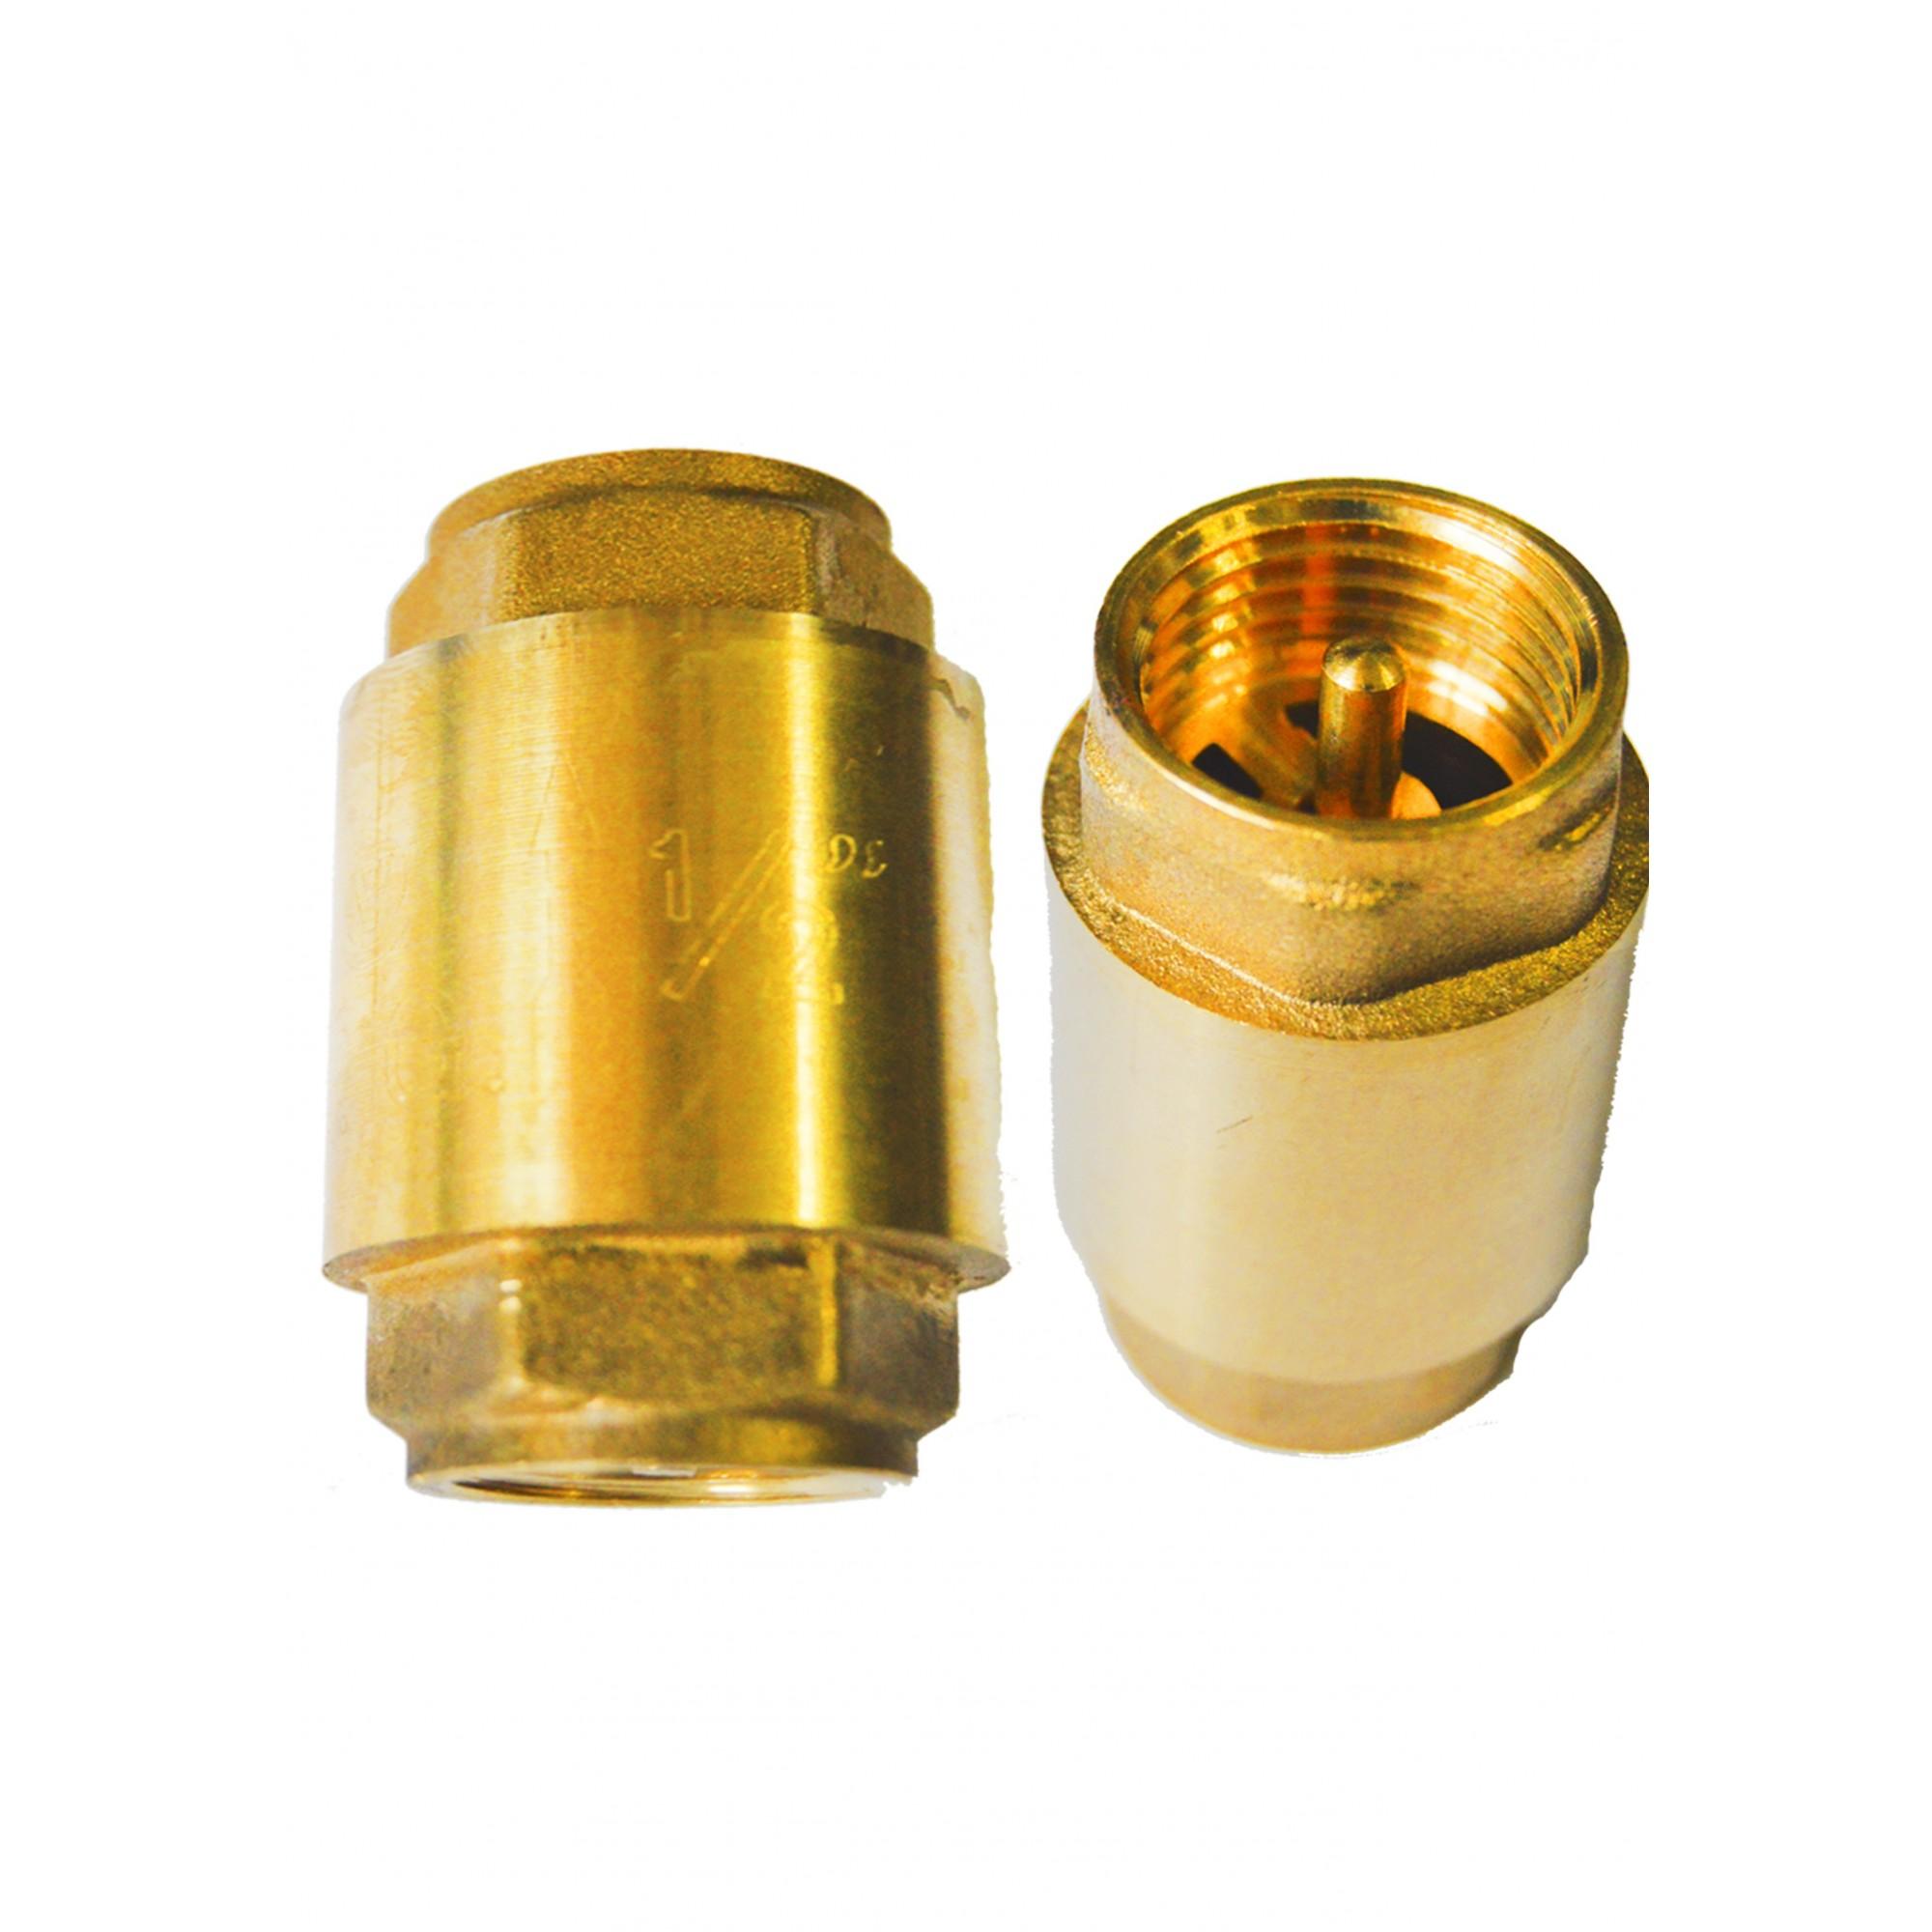 Обратный клапан 3/4 Valve J.G. Euro, усиленный J.G. - 1